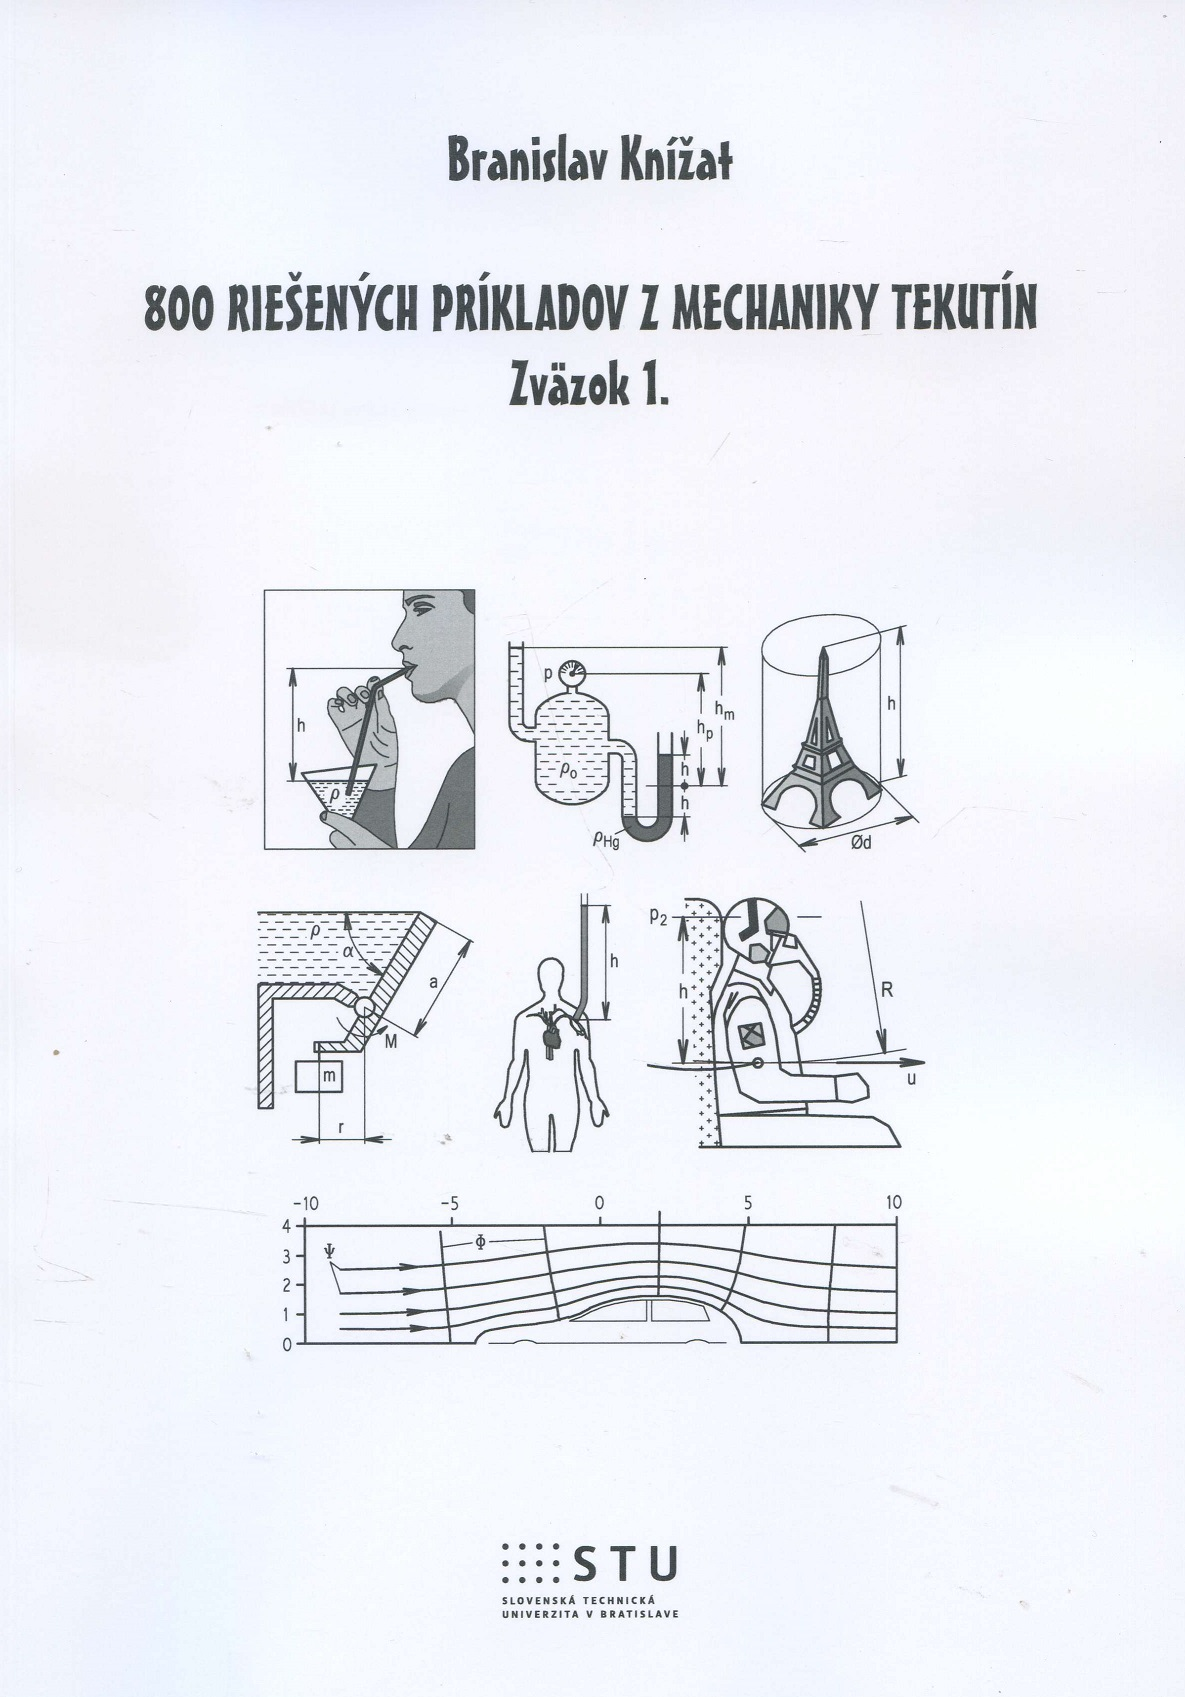 800 riešených príkladov z mechaniky tekutín - Zväzok 1.